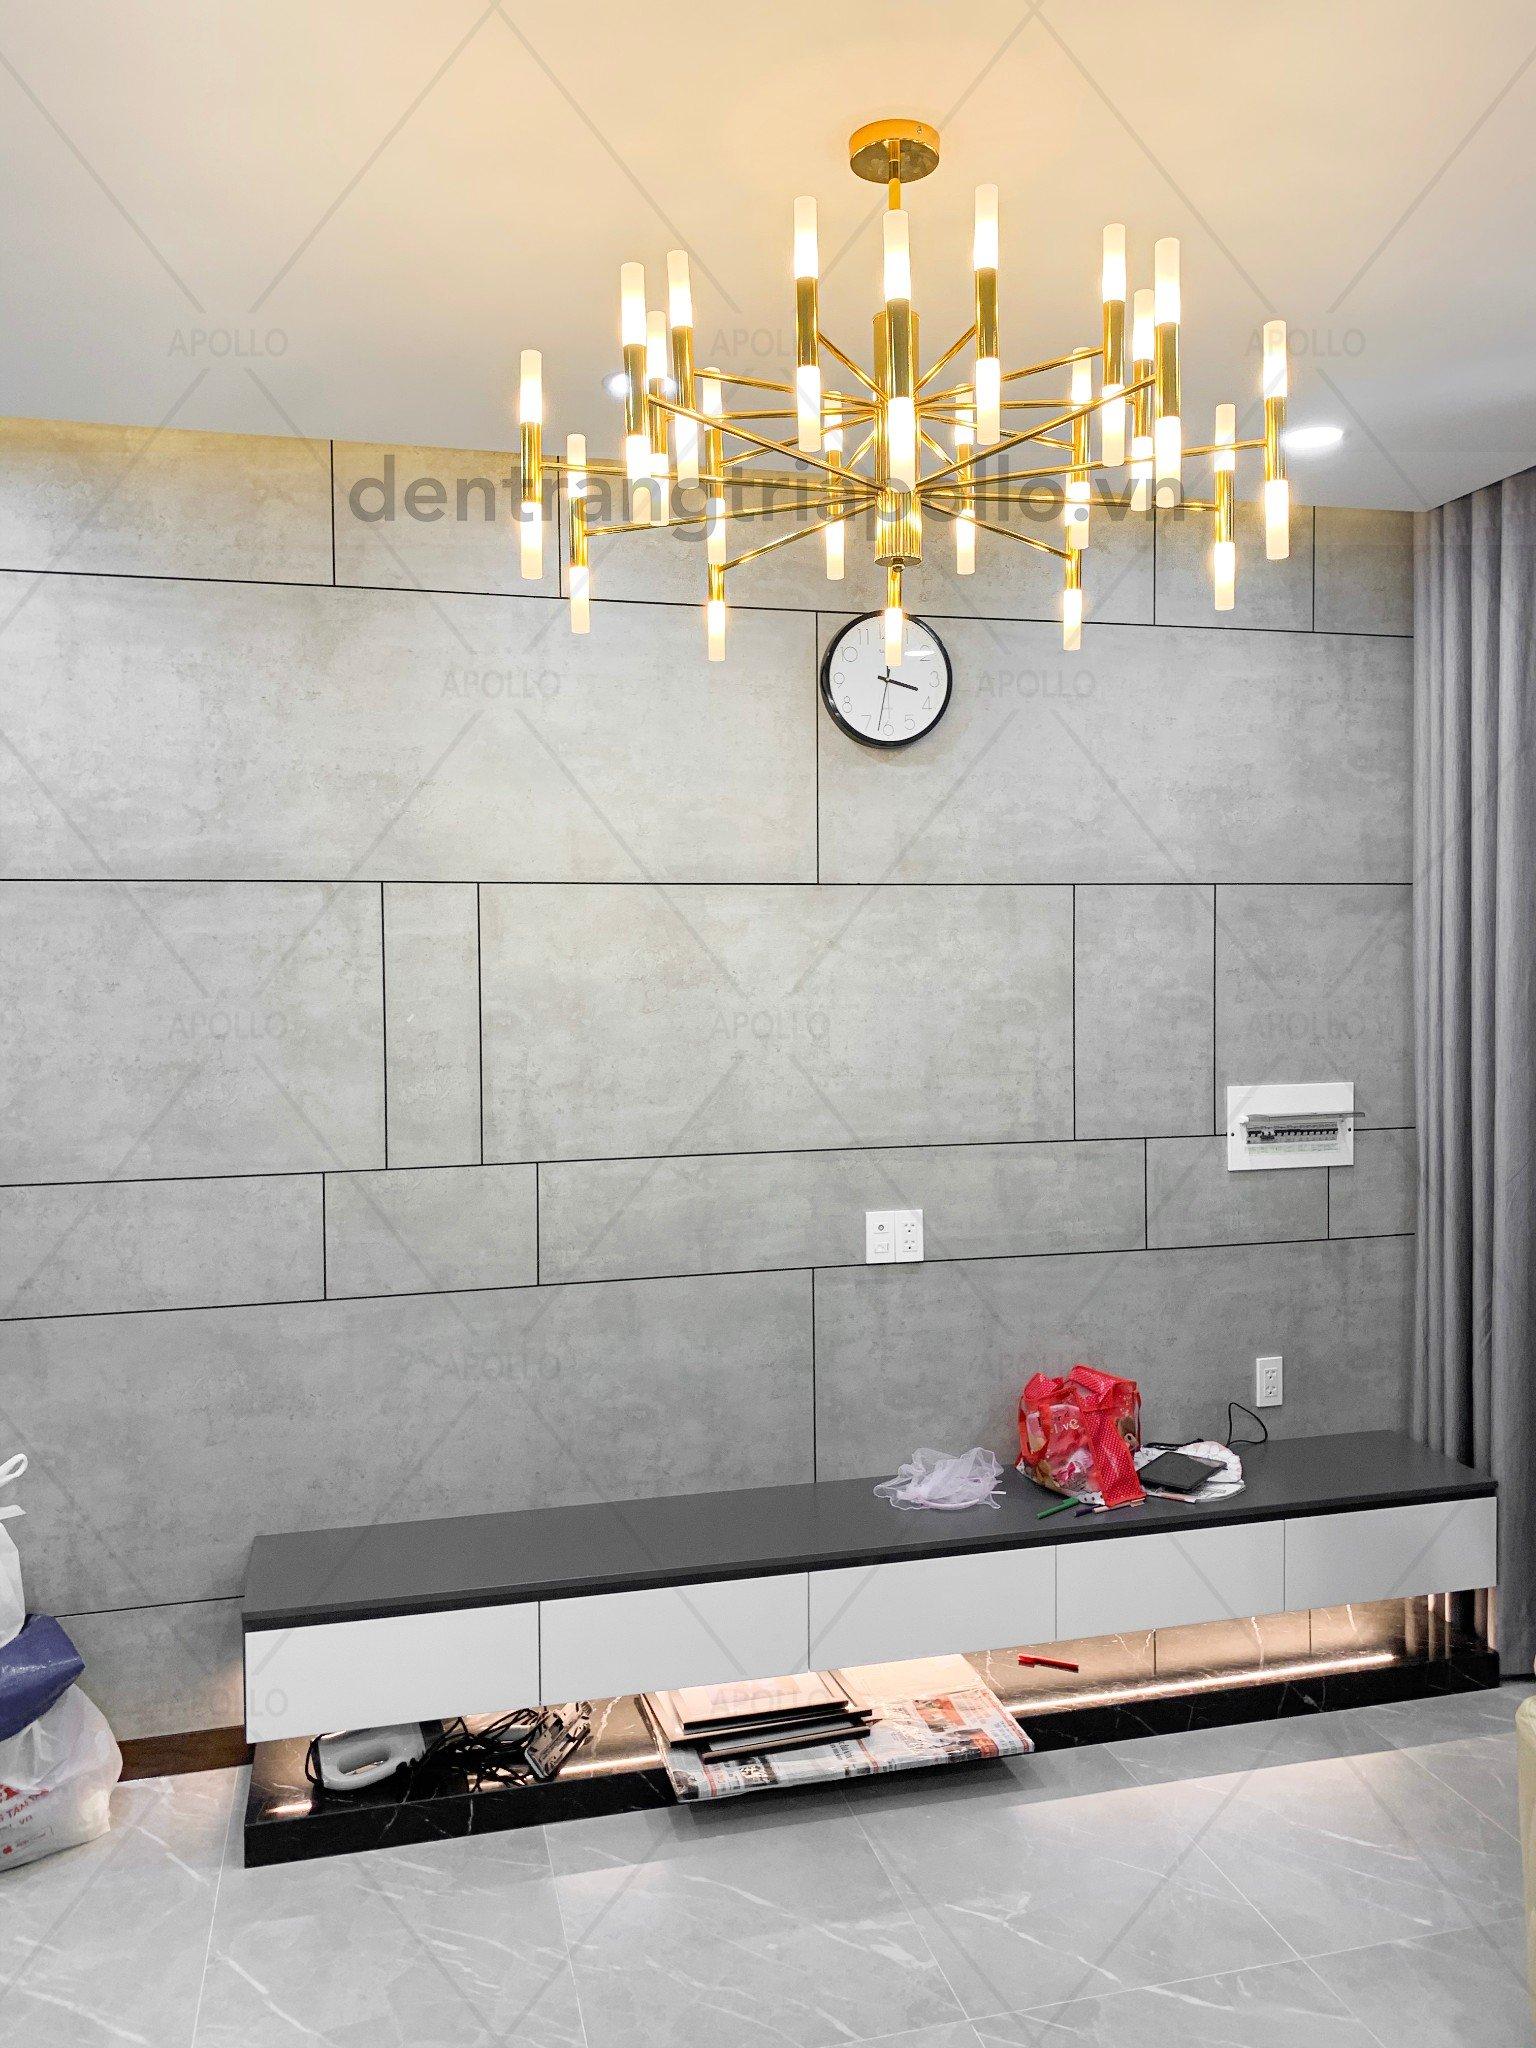 đèn chùm hiện đại phòng khách căn hộ chung cư